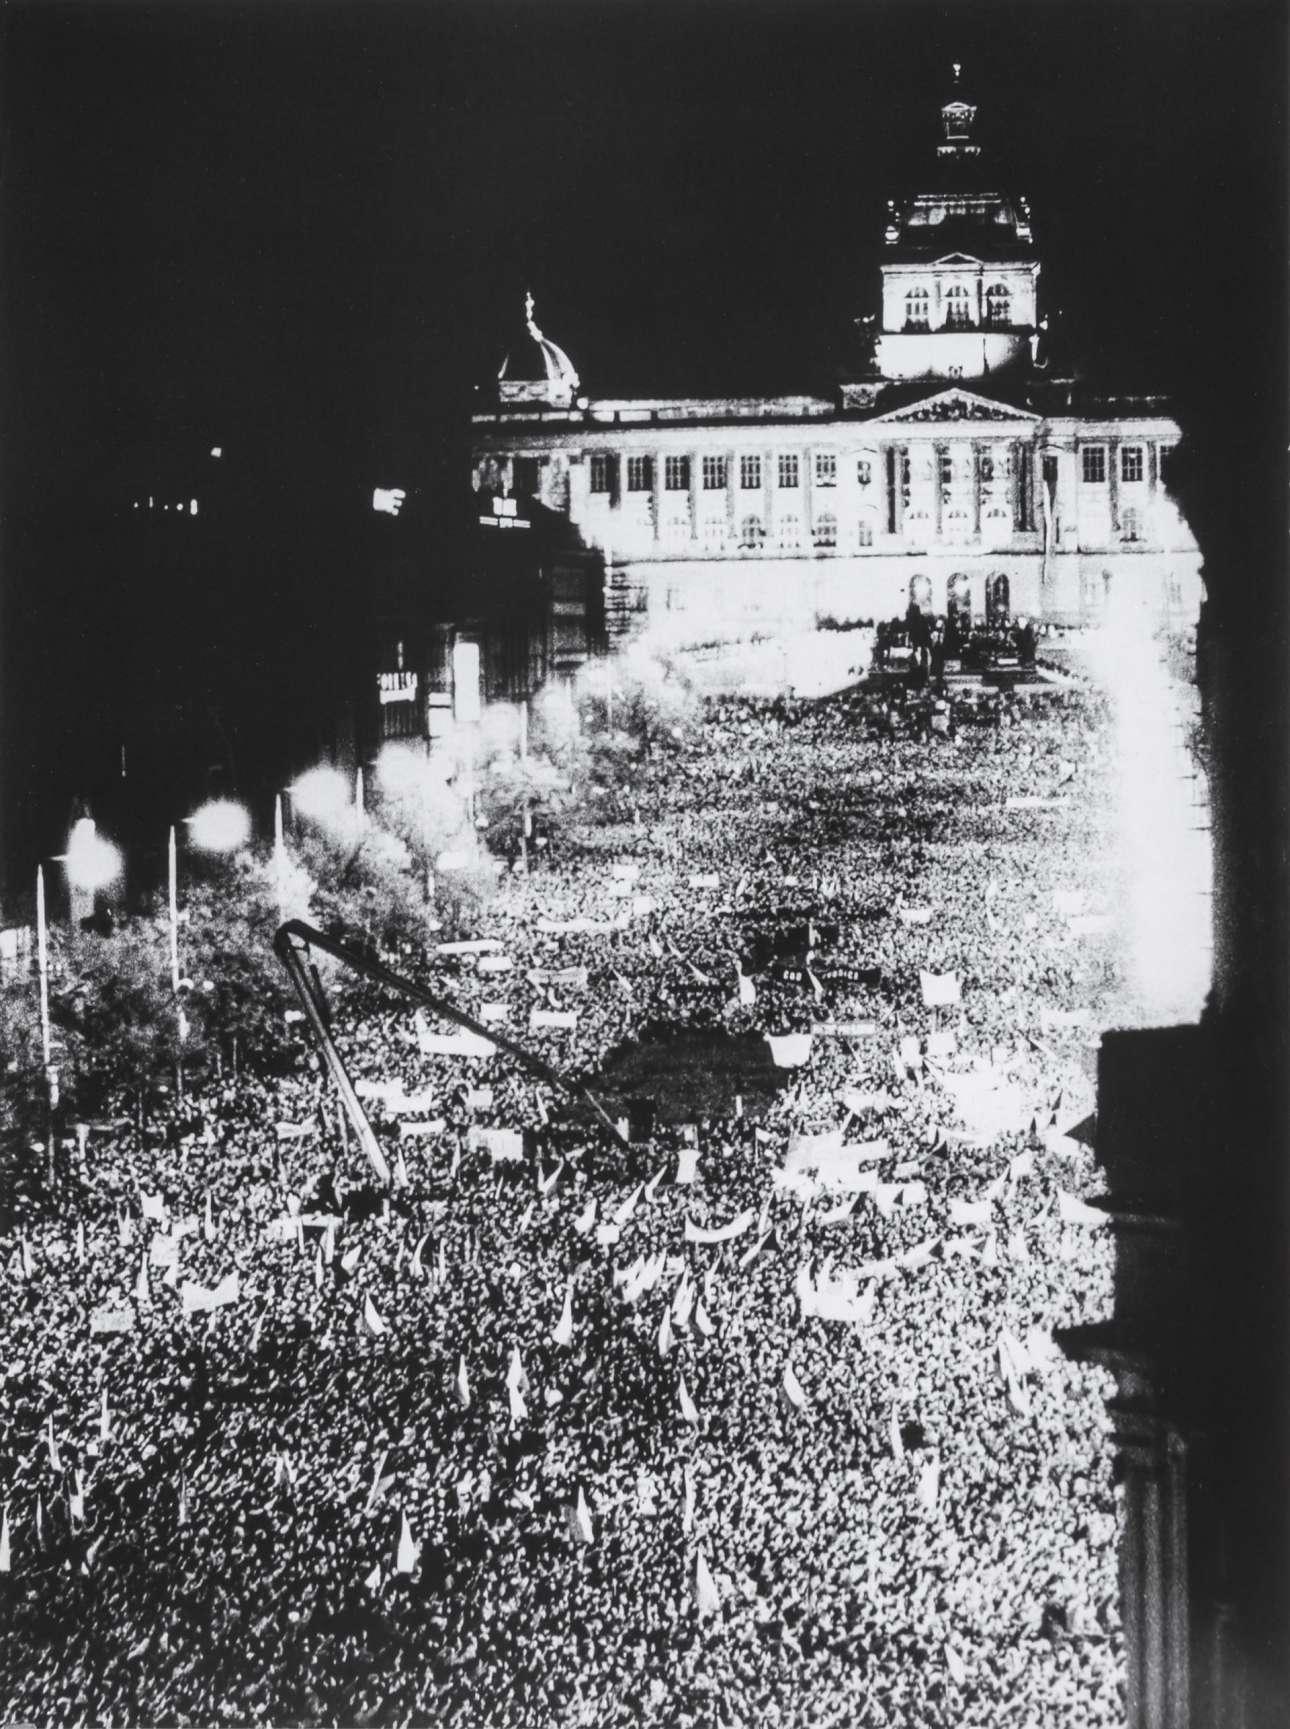 Ολη η Πράγα «στο πόδι»: αυτή η φωτογραφία της 24ης Νοεμβρίου δείχνει το τεράστιο πλήθος που είχε συγκεντρωθεί στην πλατεία Βέντσεσλας